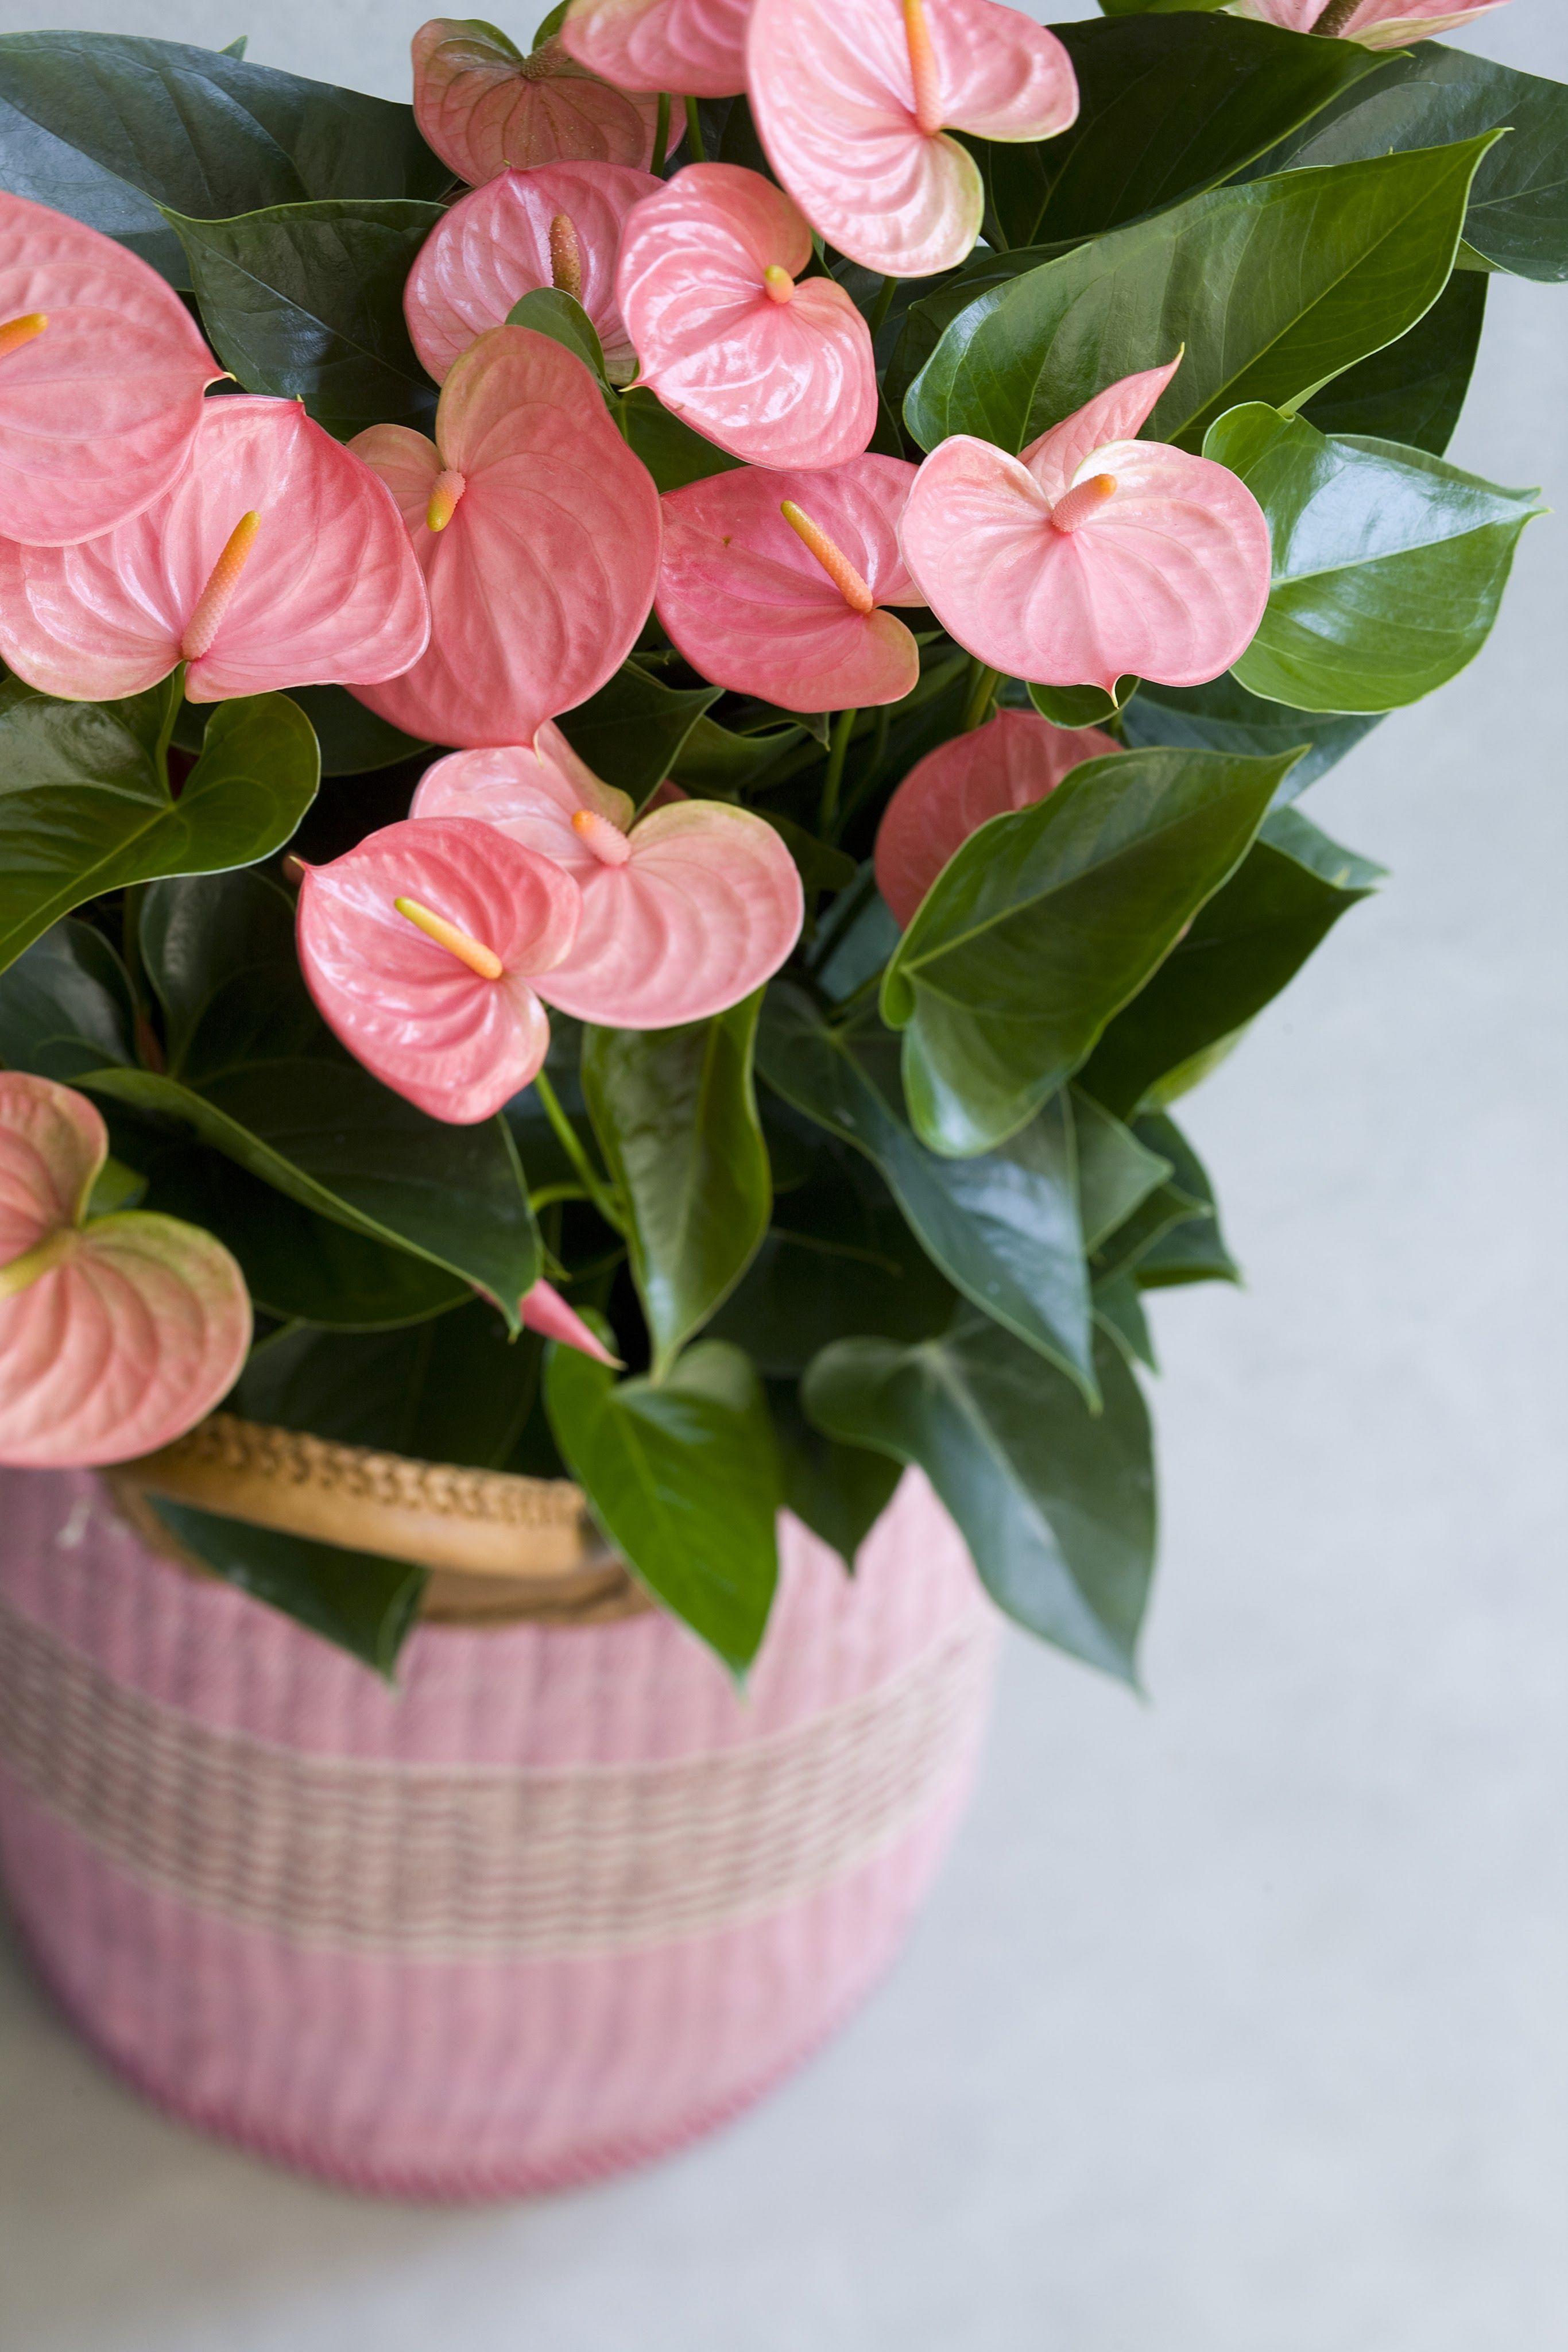 продвинутые модницы красивые комнатные растения фото и название меньше